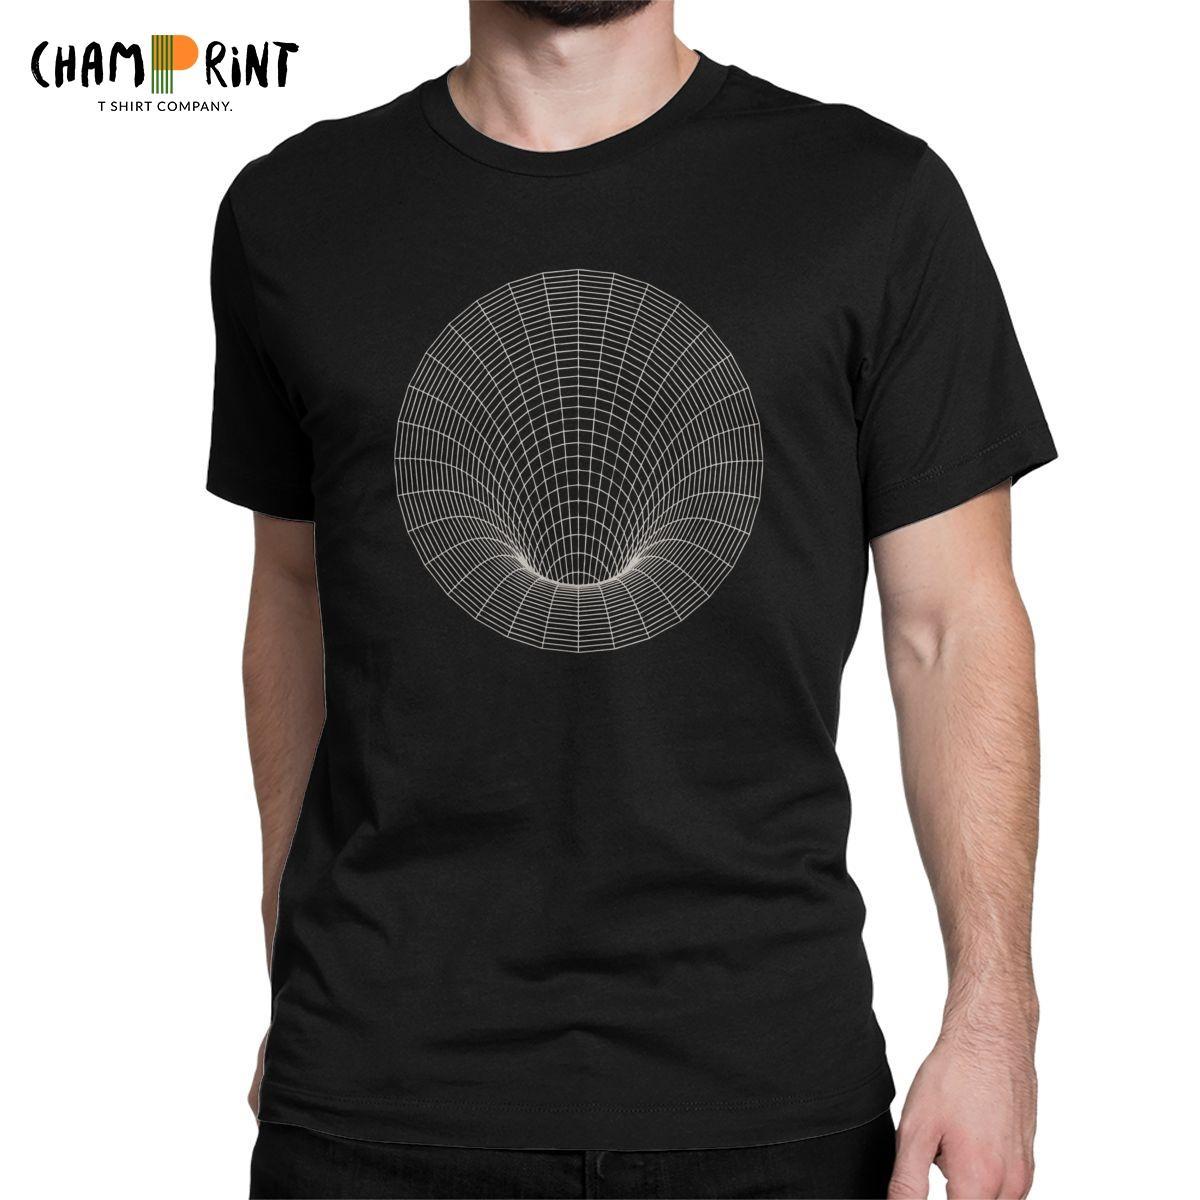 Hommes T-shirt Event Horizon Mode T-shirts à manches courtes en coton pur drôle geek science physique Scientist T-shirts Vêtements d'été